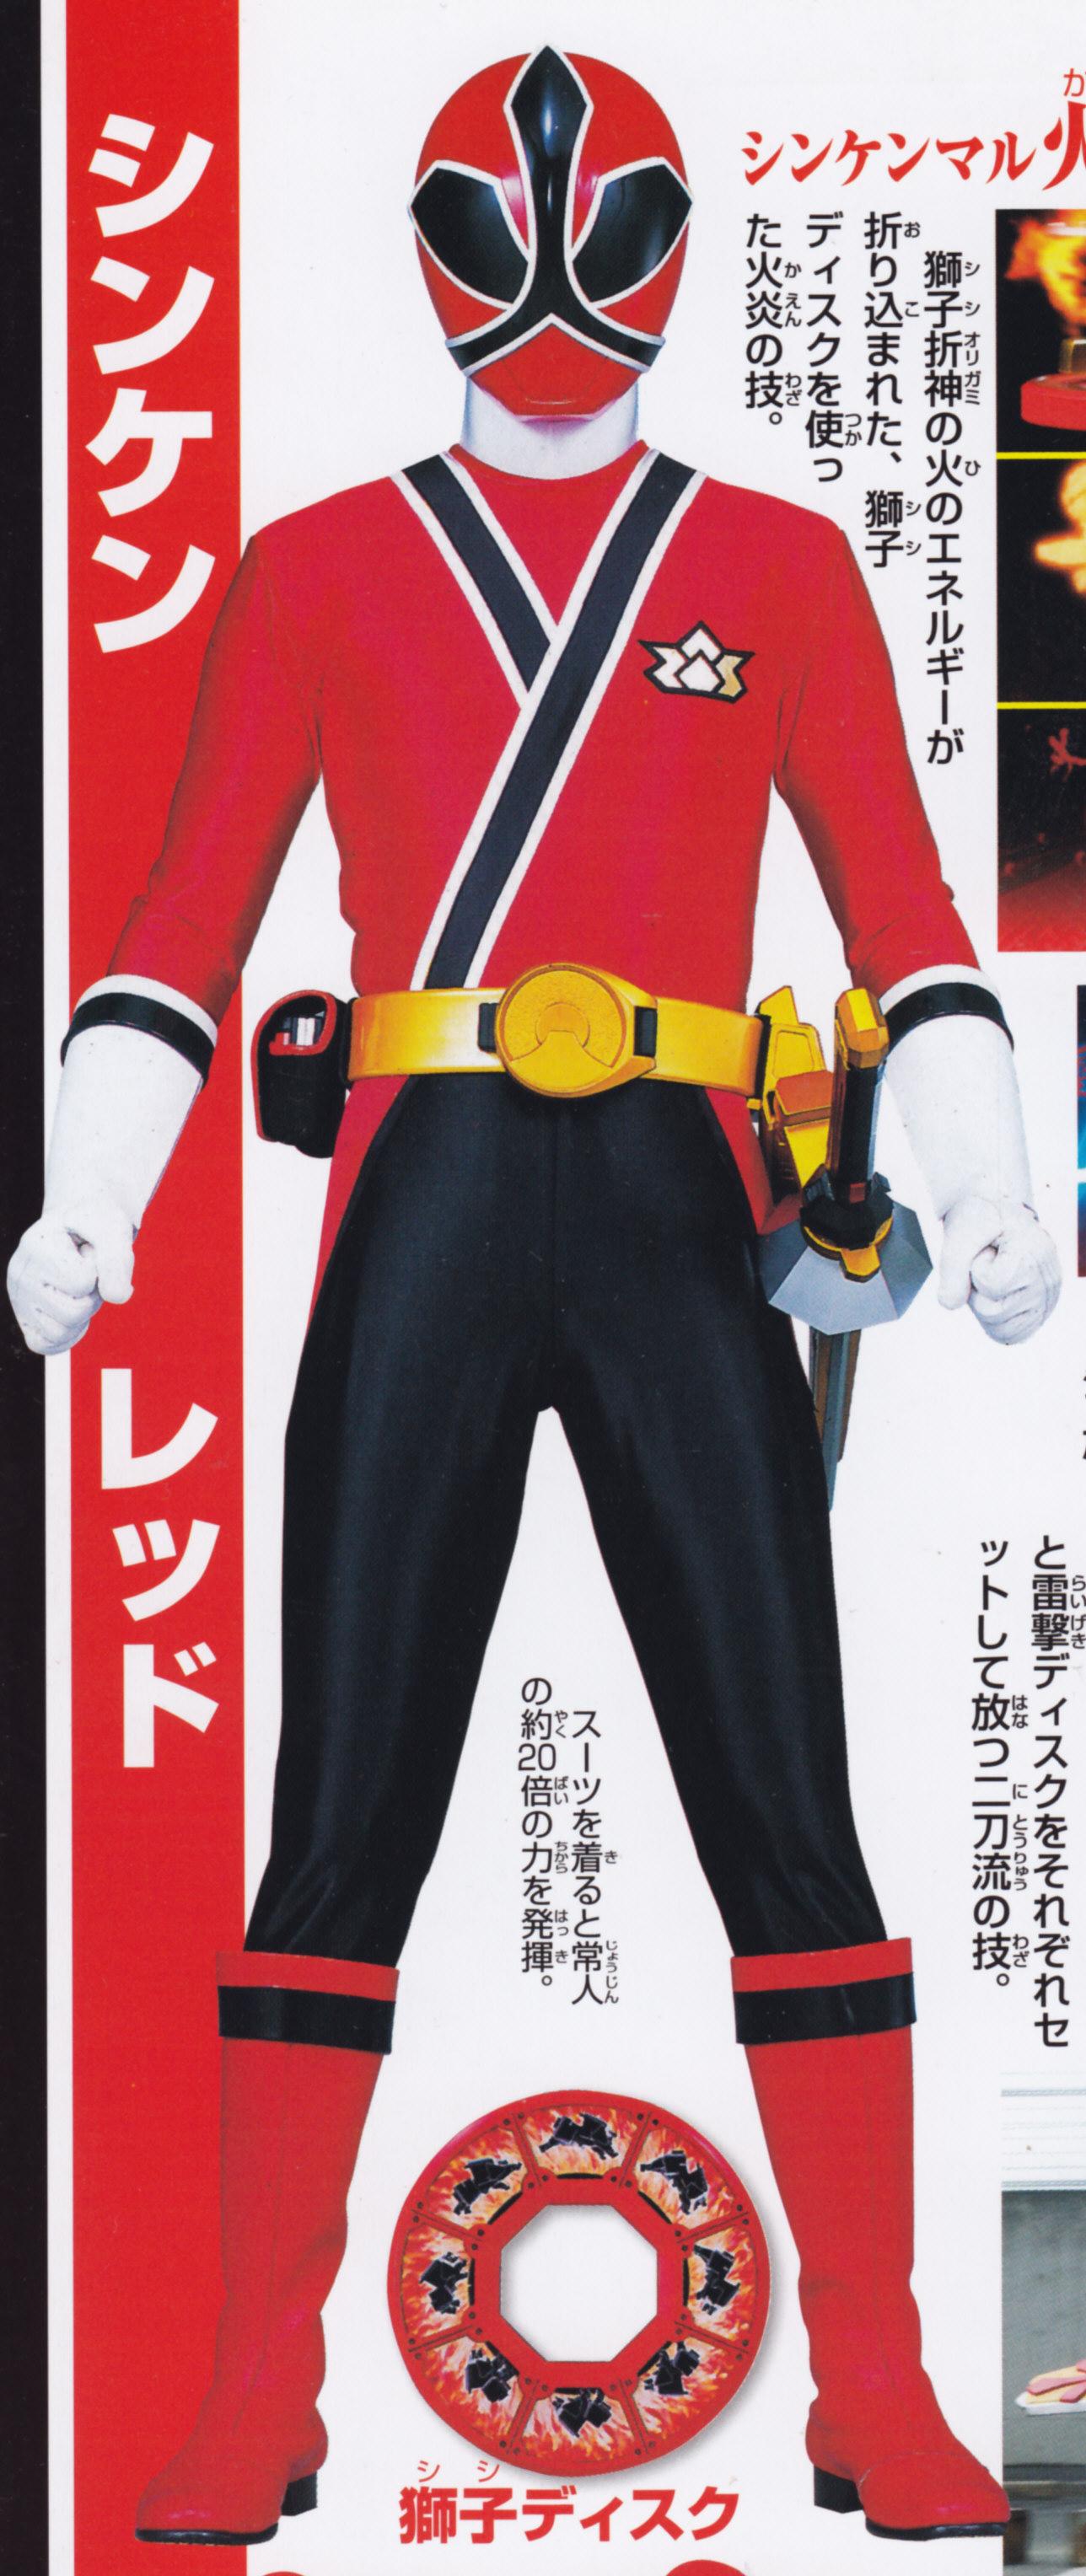 Samurai clipart power ranger #5